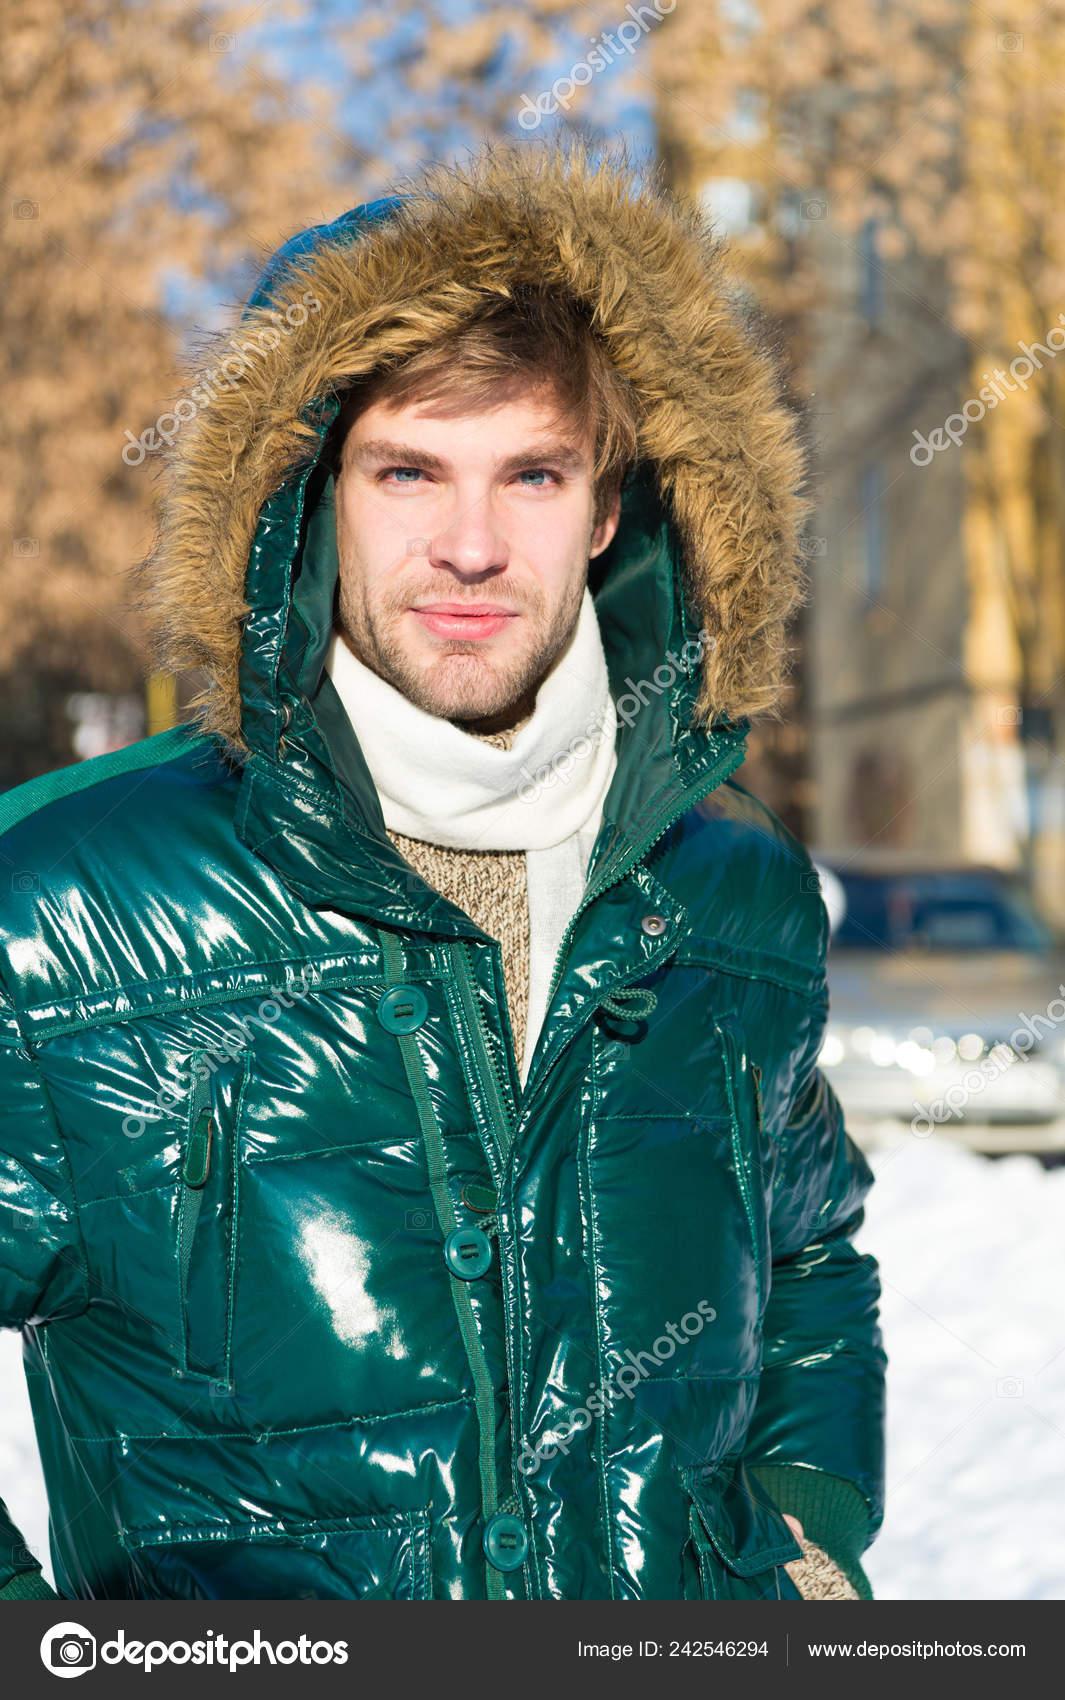 Warme Trendy Winterjas.Man Op Wintervakantie Vakantie En Reizen Man Het Is Koud Buiten